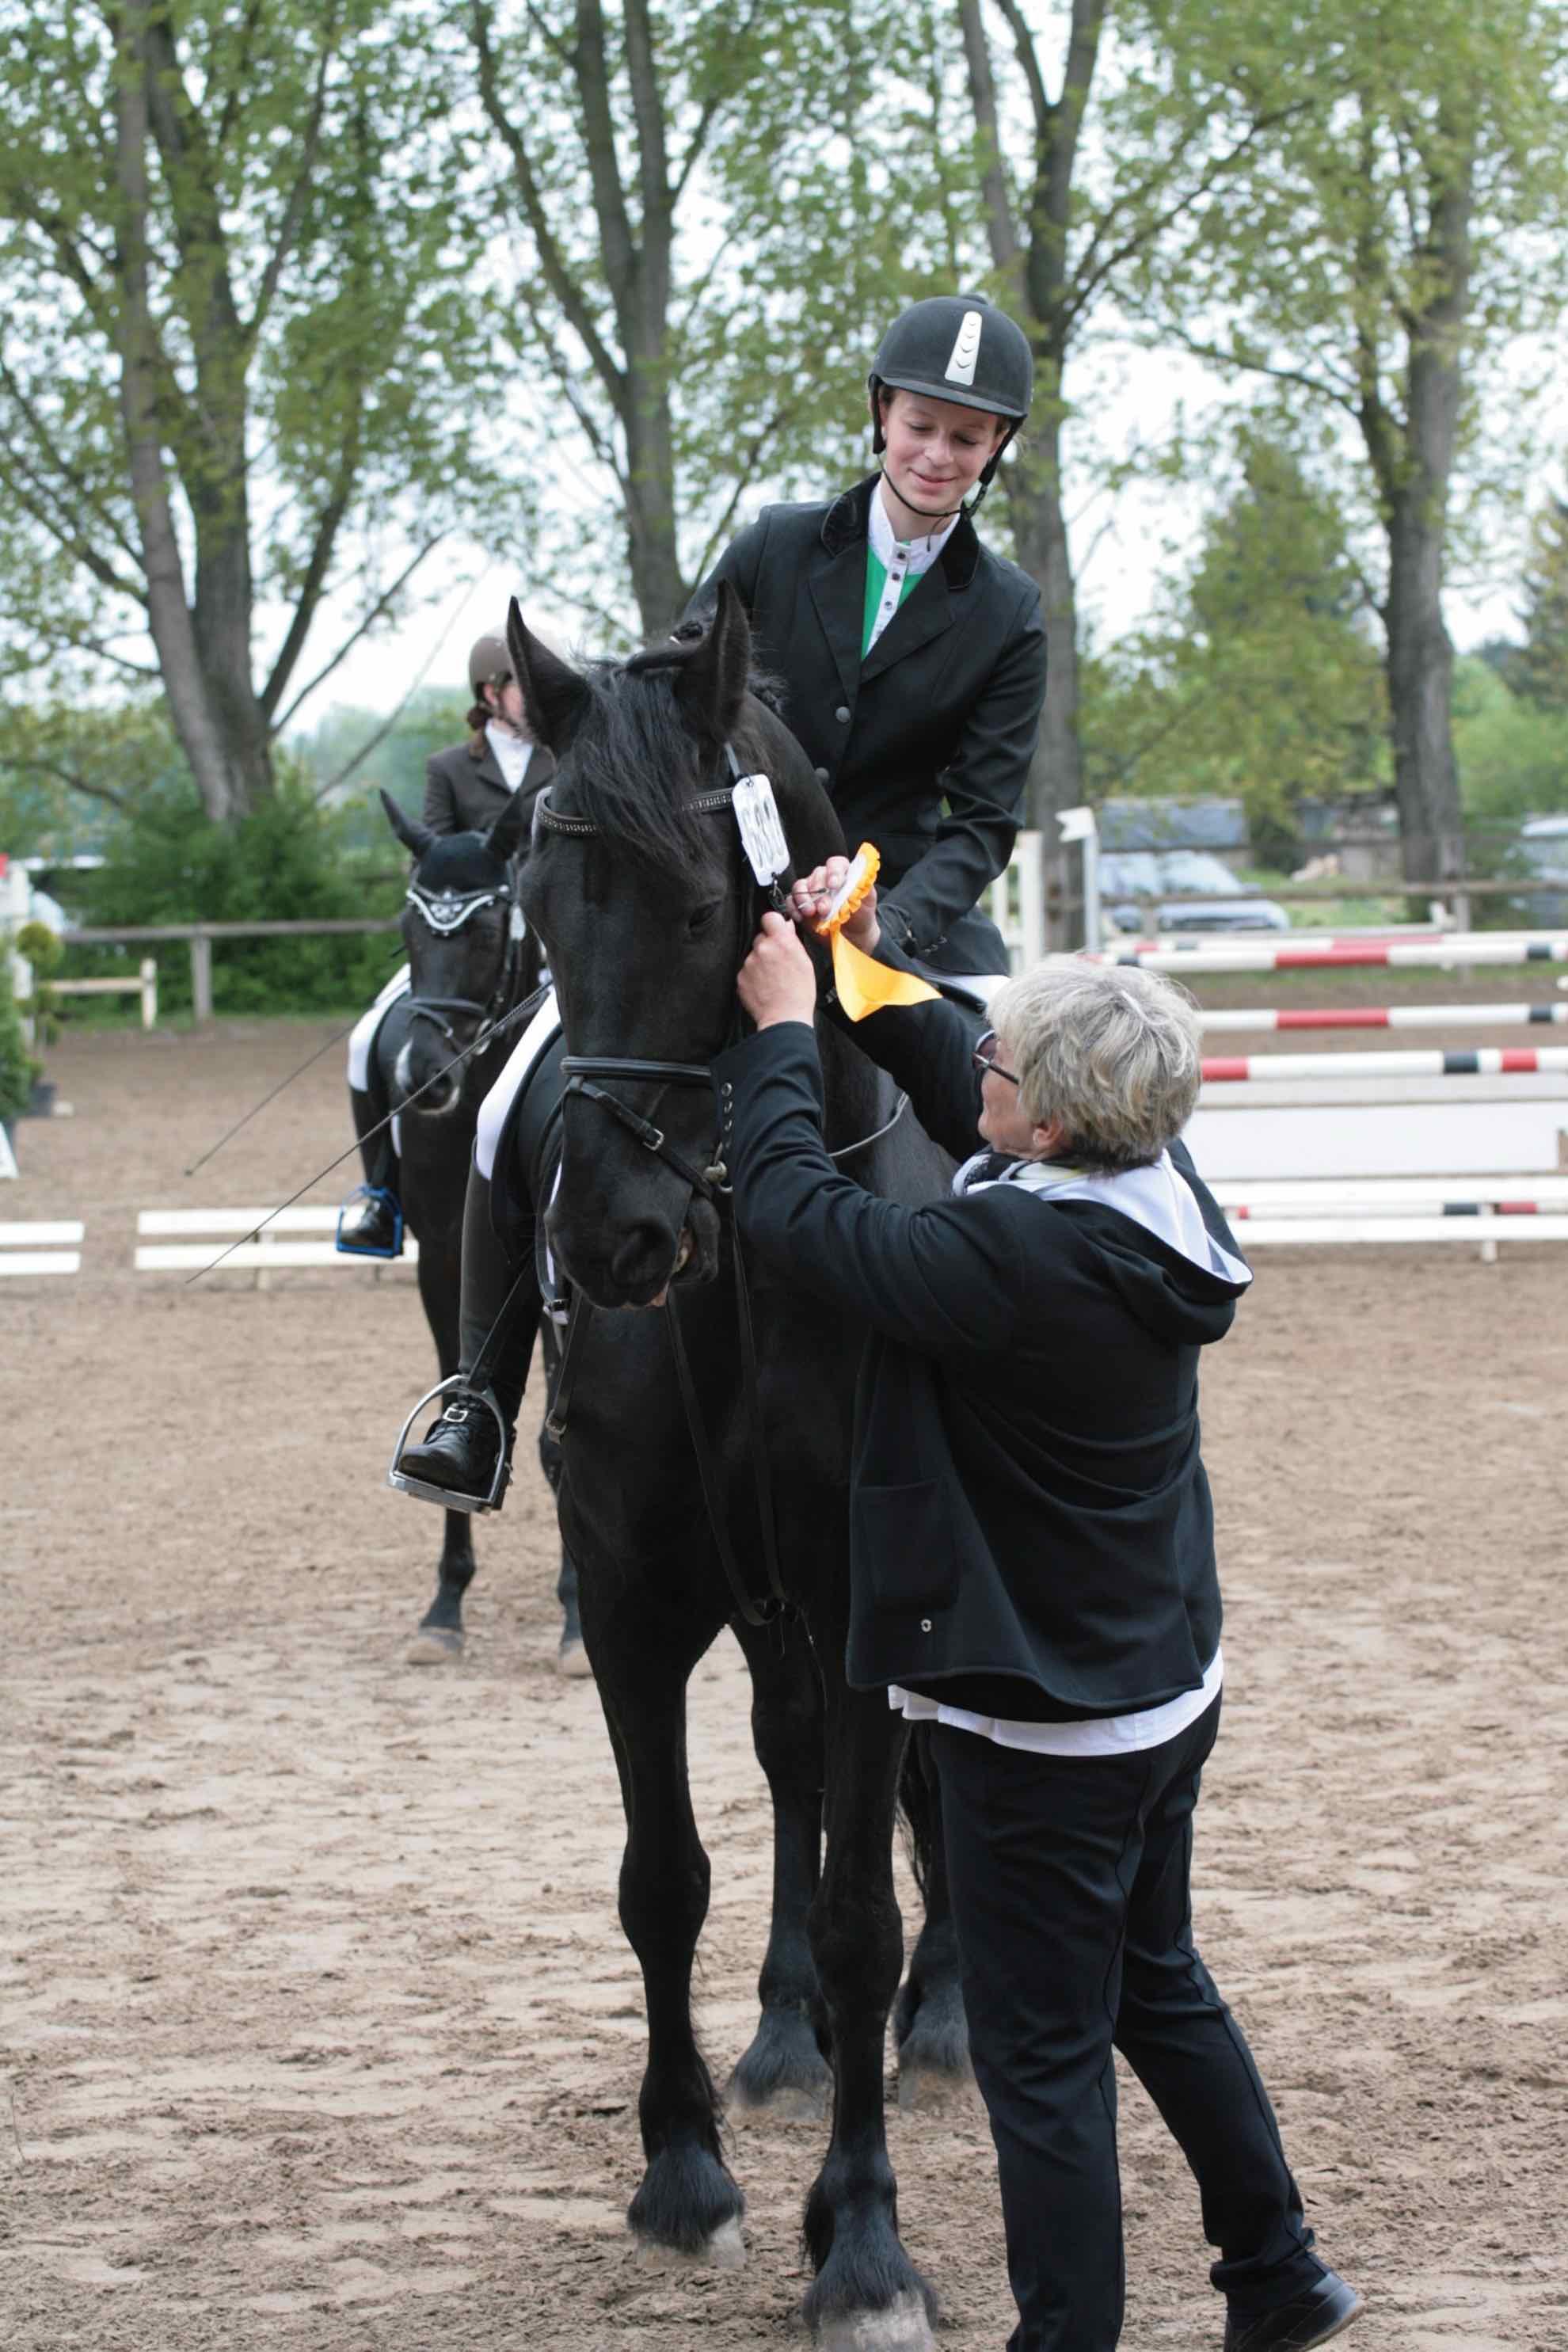 Prüfung 27 Reiterwettbewerb für Pferde - 1. Platz - Hannah McIntyre auf Rico - RSG Falkenhof Dornheim e.V.